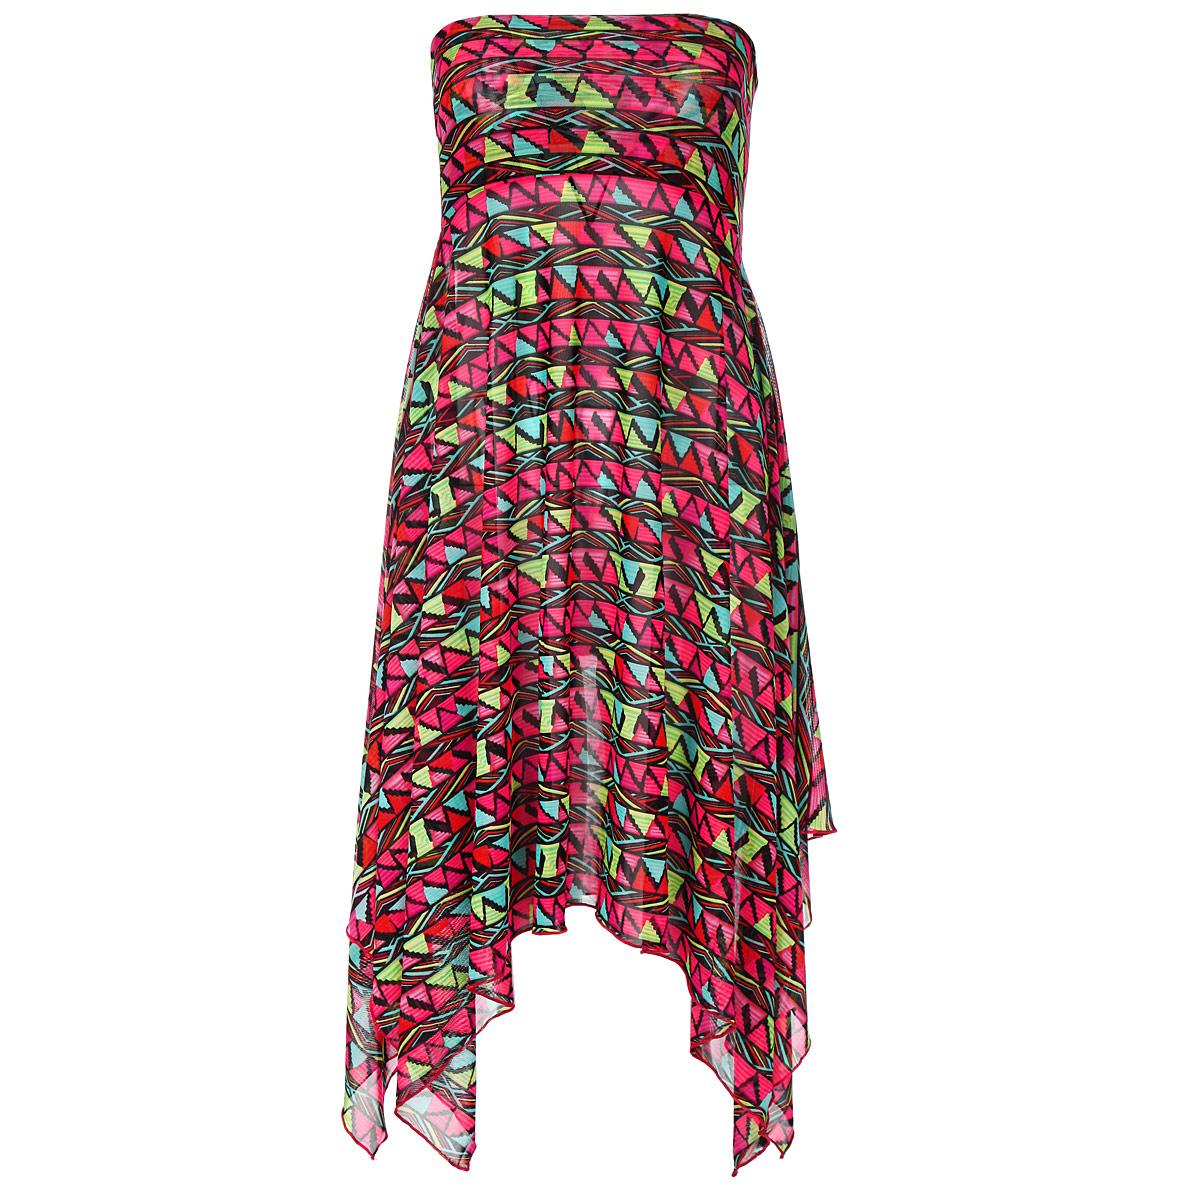 Пляжное платьеBB715Удобное и функциональное платье-юбка Barbara Bettoni, выполненное из сетчатого полиэстера, оформлено ярким принтовым узором. Изделие представляет собой расклешенную юбку на широком поясе с боковым разрезом по всей длине. Края модели асимметричные, что создает необычный силуэт и добавляет изысканности образу. Изделие также великолепно смотрится и как короткое платье-бандо. В сочетании с ярким купальником платье-юбка от Barbara Bettoni позволит создать стильный пляжный ансамбль, в котором вы не останетесь незамеченной! Новая коллекция пляжной одежды от марки Barbara Bettoni отражает мировые тенденции пляжной моды и выступает прекрасным дополнением к коллекции купальников Barbara Bettoni Moda Di Mare.